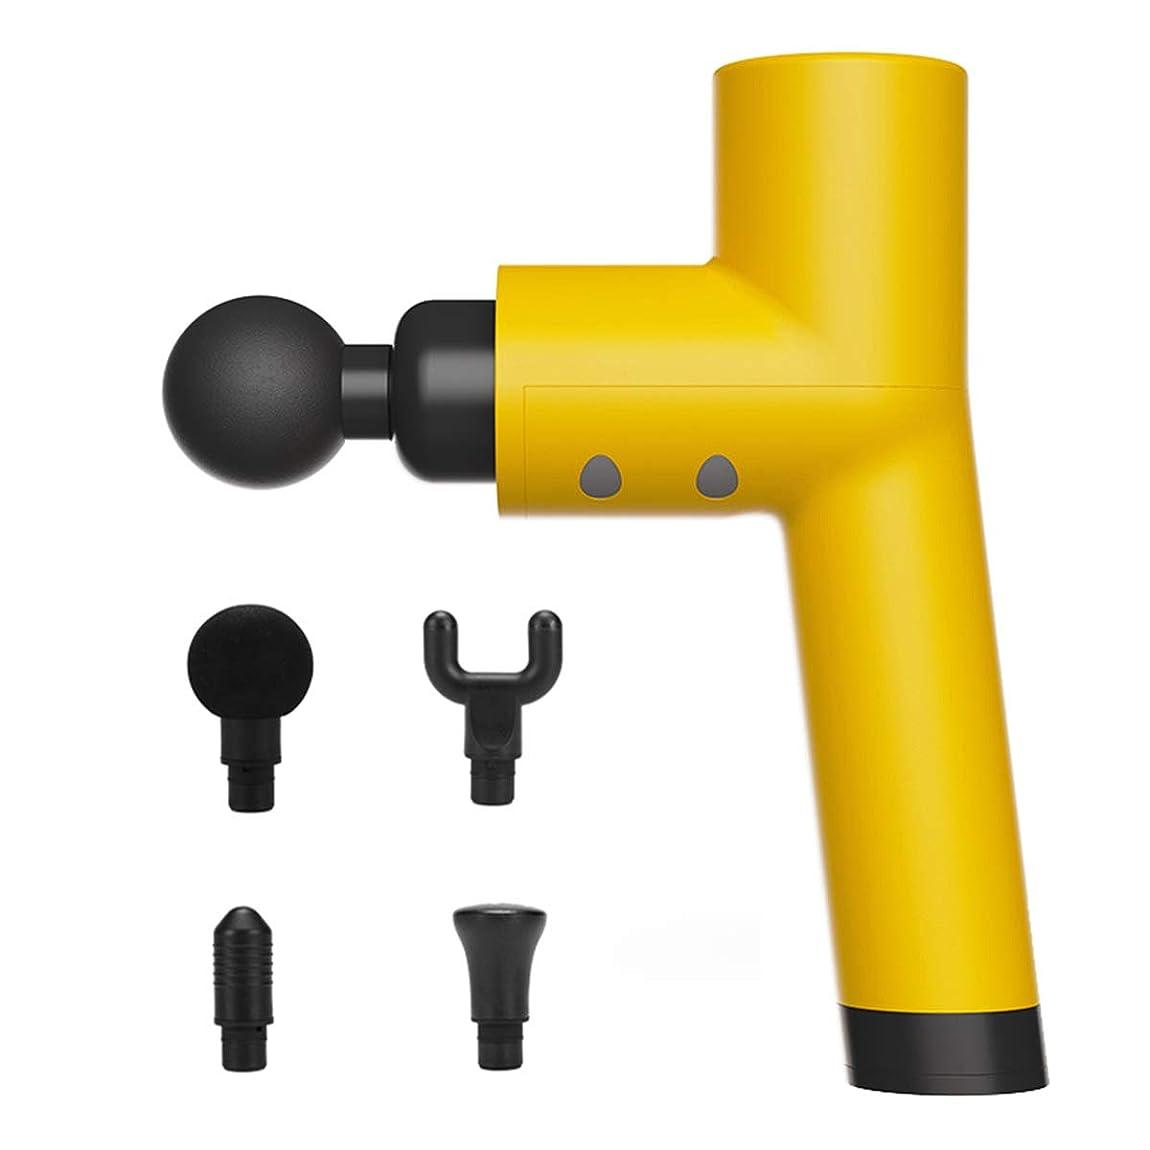 摂氏度ウサギ蓮TMGG 筋肉マッサージ銃、4つの調節可能な速度の専門の手持ち型の振動マッサージャー装置、コードレス電気打楽器全身筋肉マッサージ装置